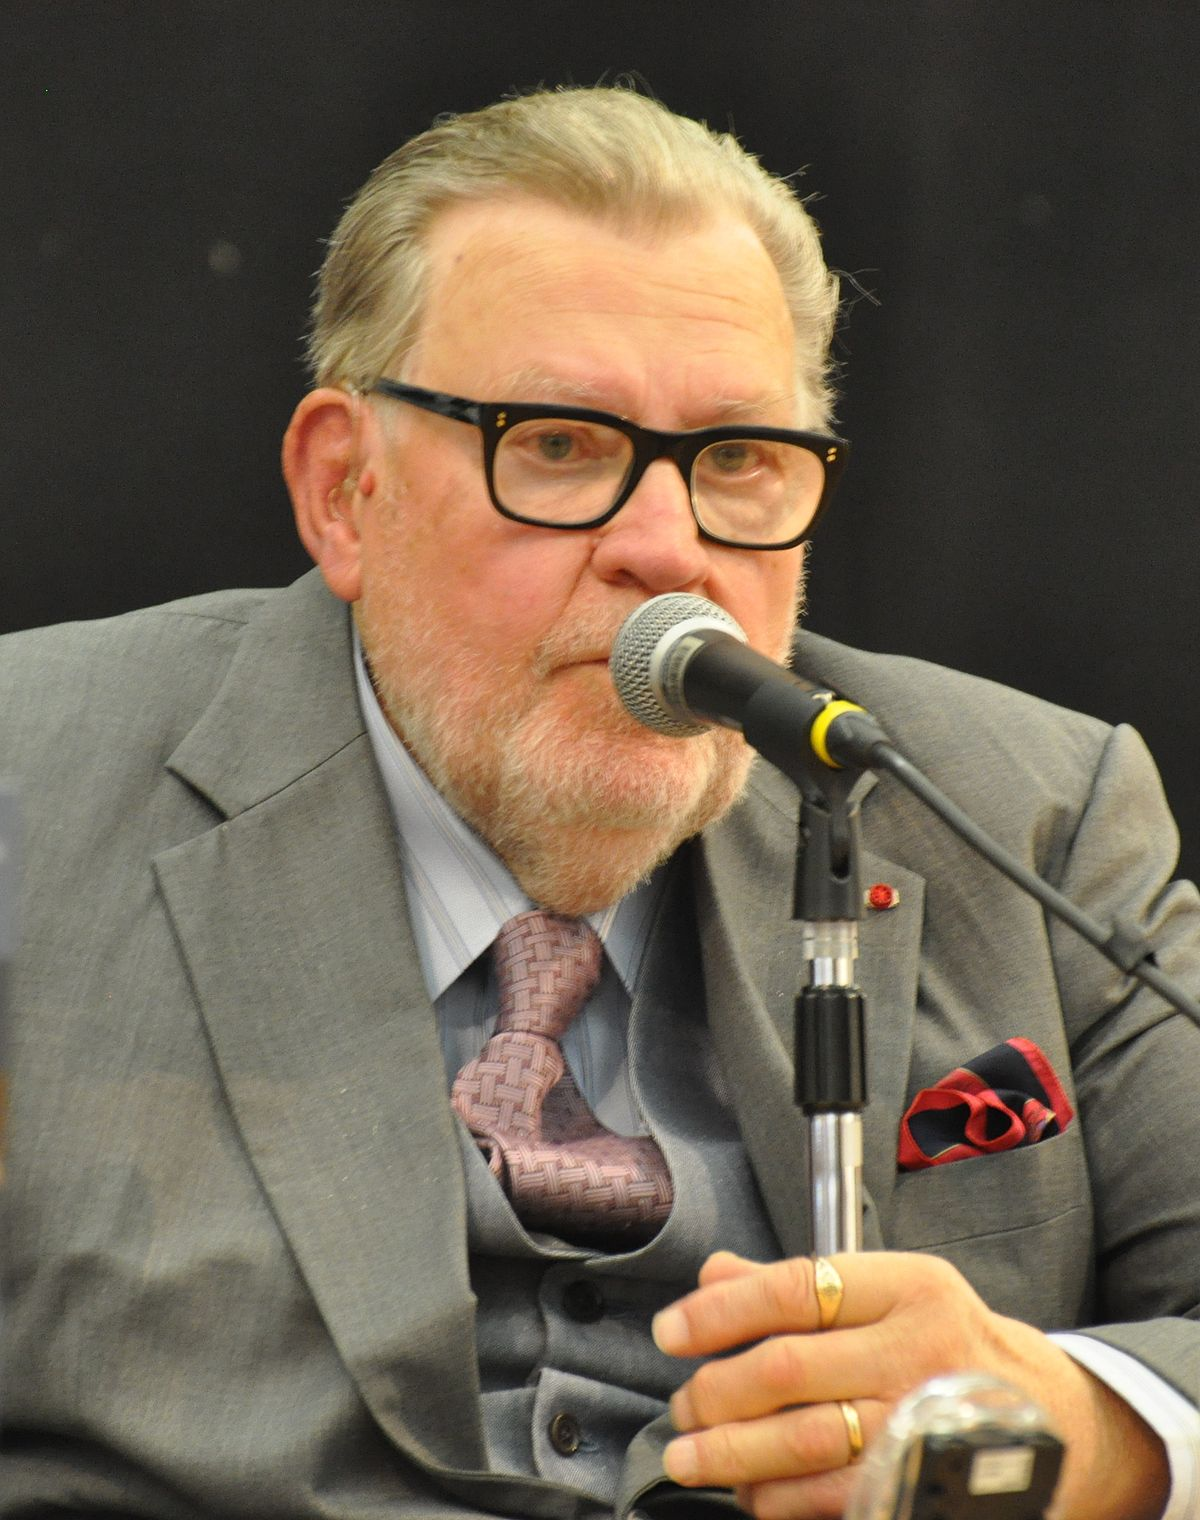 Jaakko Itälä